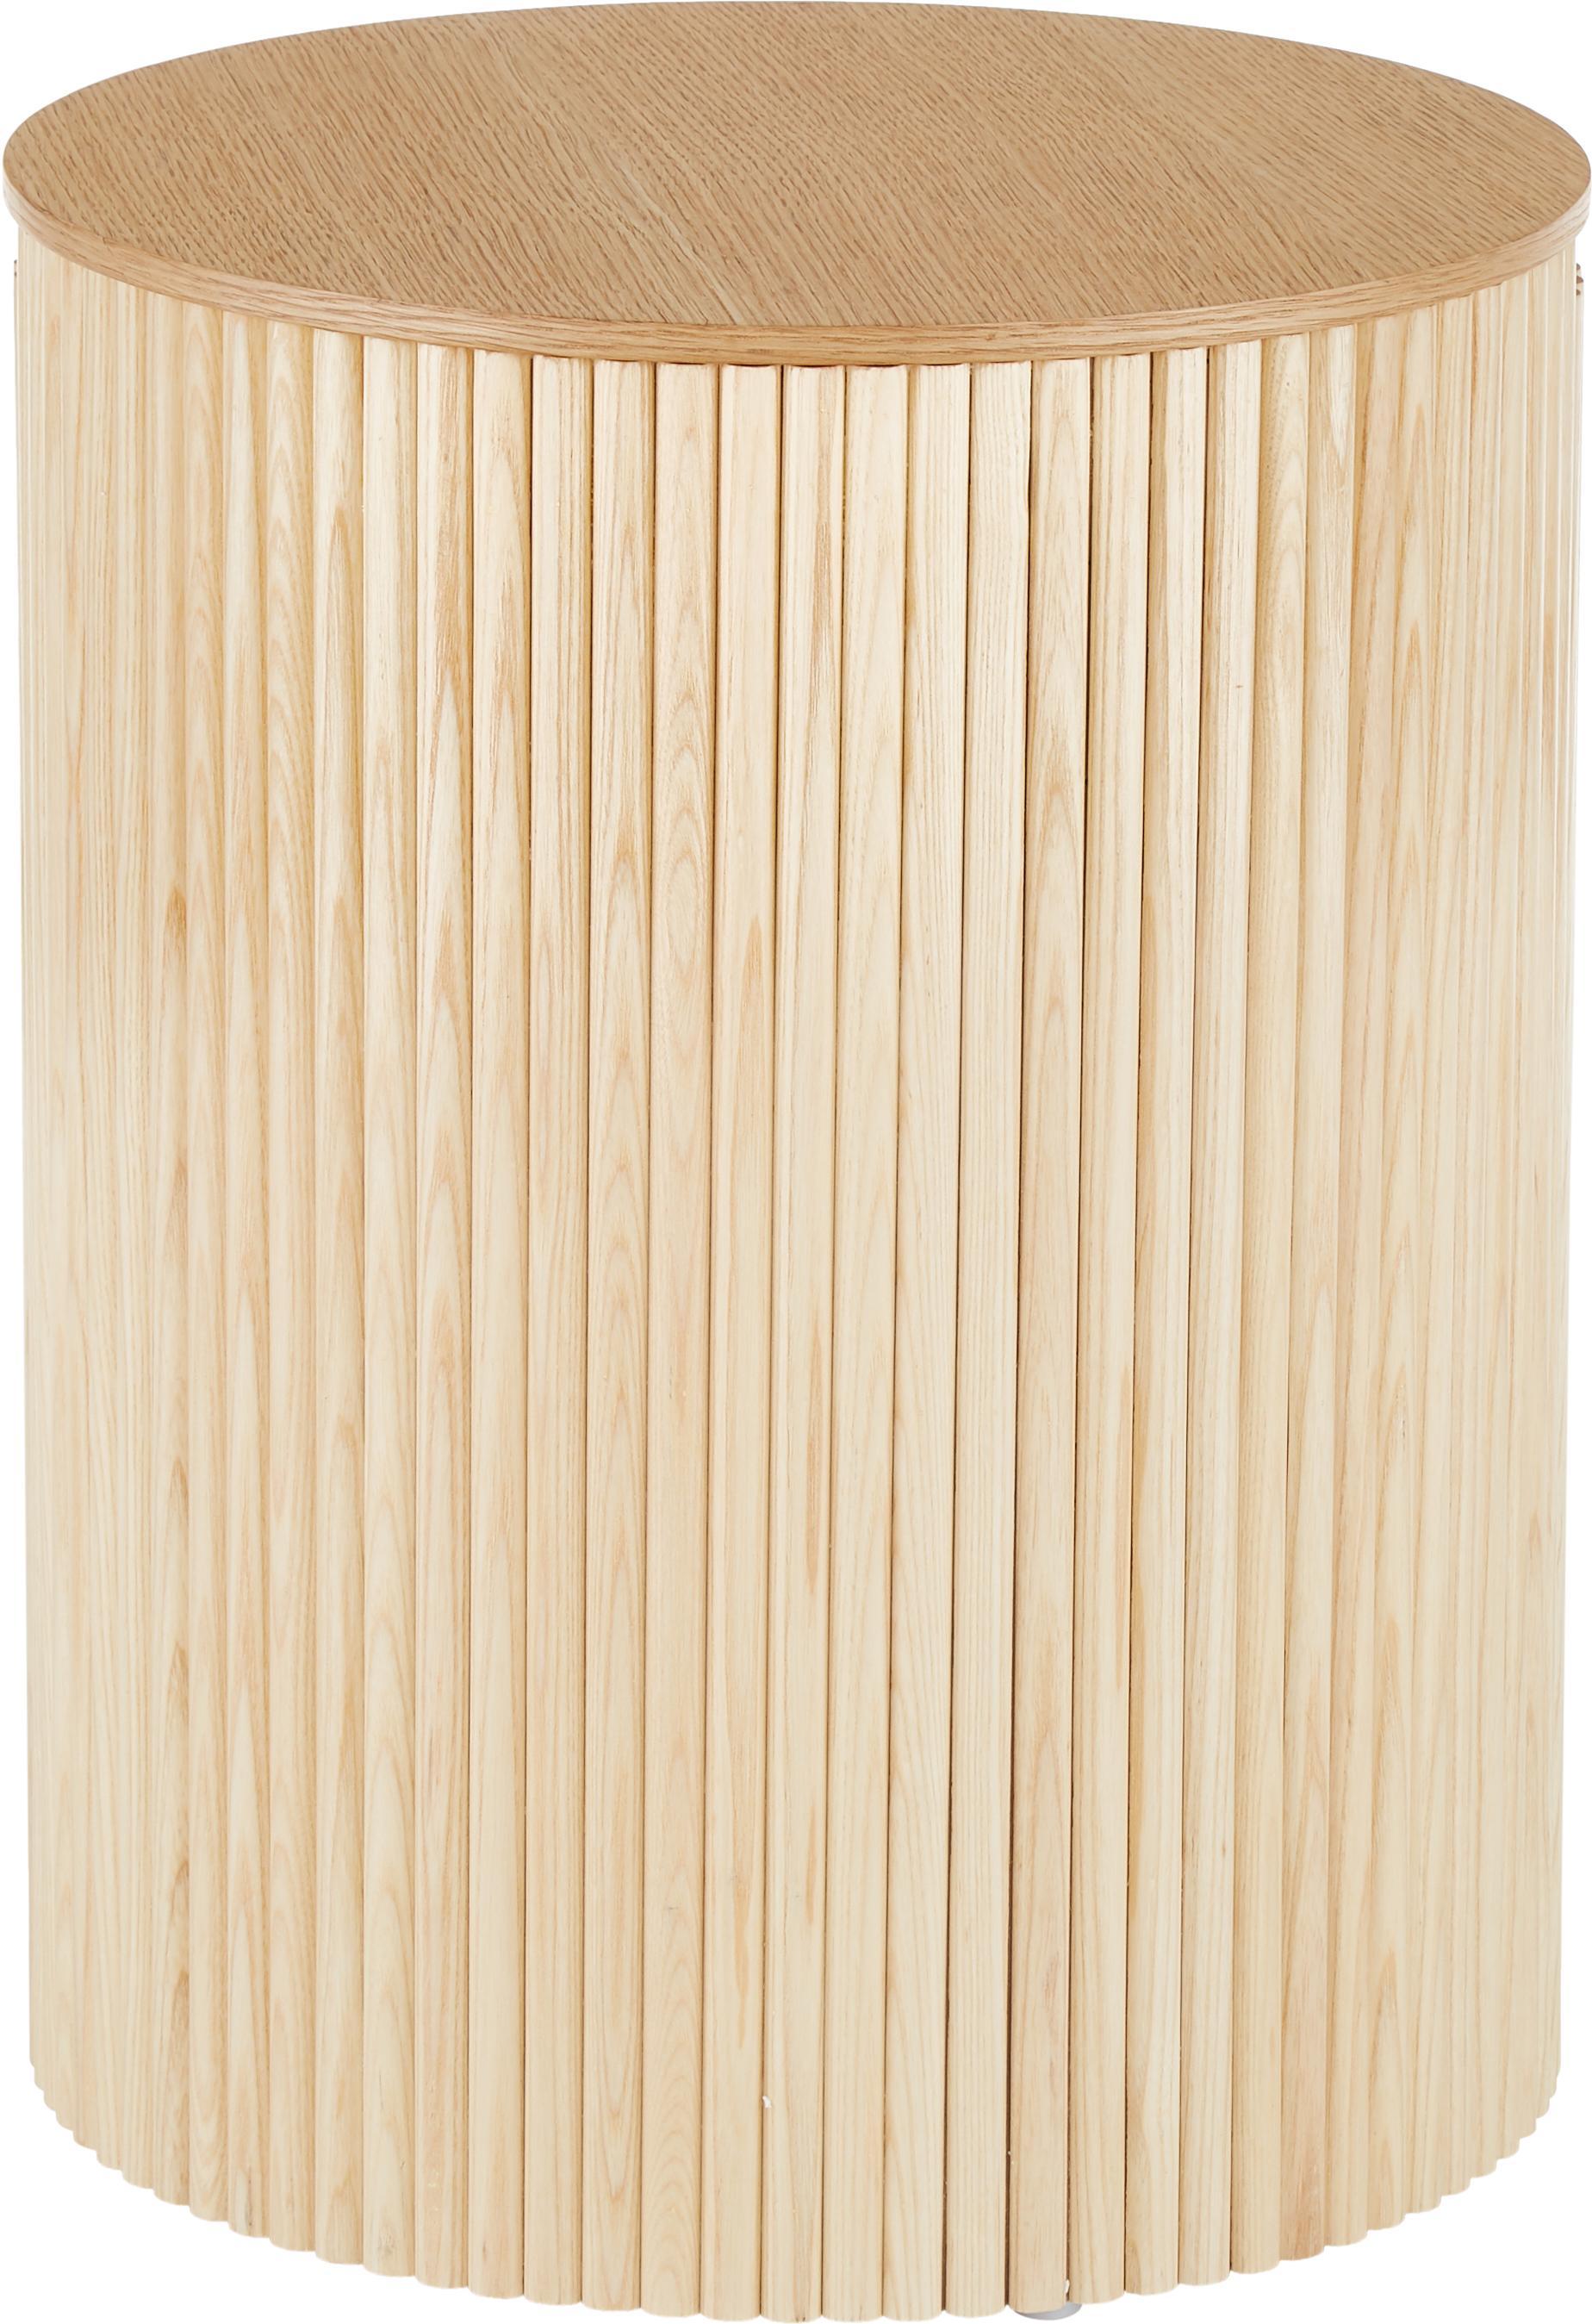 Bijzettafel Nele met opbergruimte, MDF met essenhoutfineer, Essenhoutfineer, Ø 40 x H 51 cm